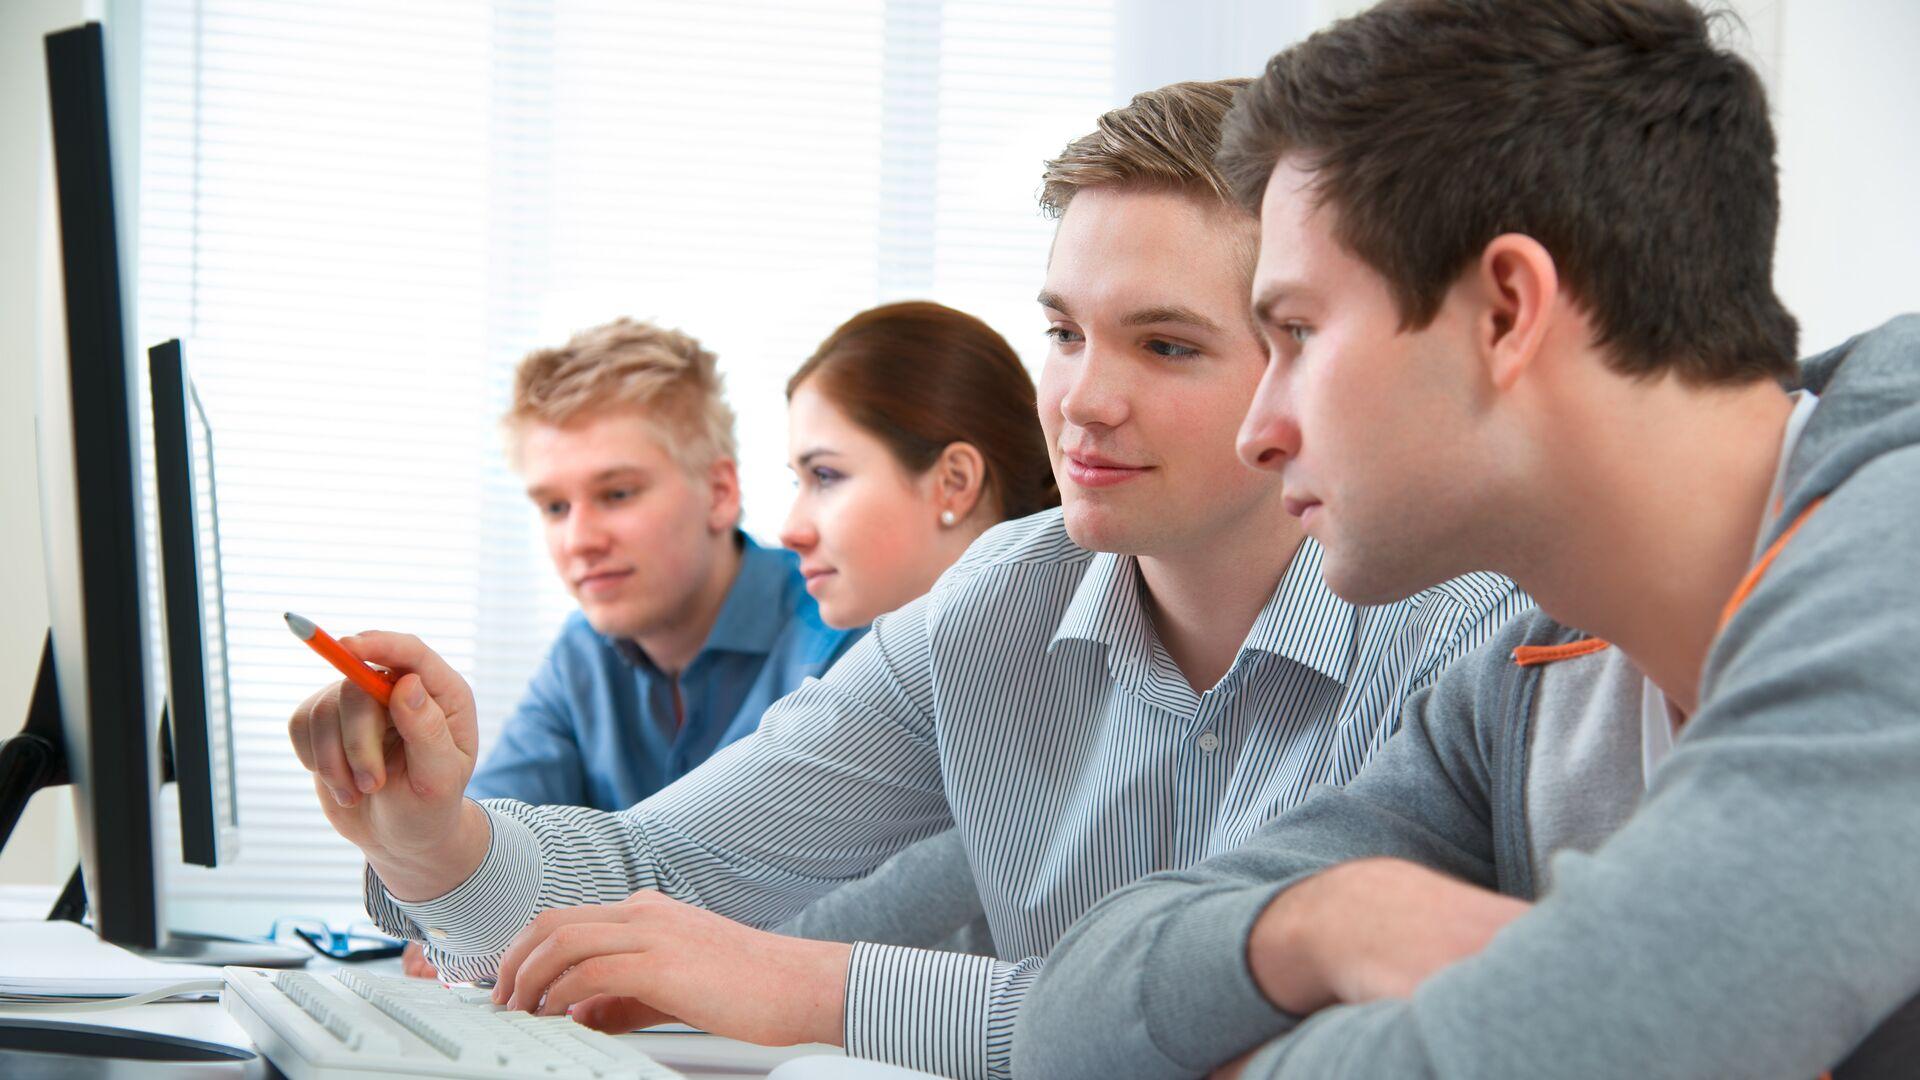 Ученики в компьютерном классе - РИА Новости, 1920, 01.09.2021